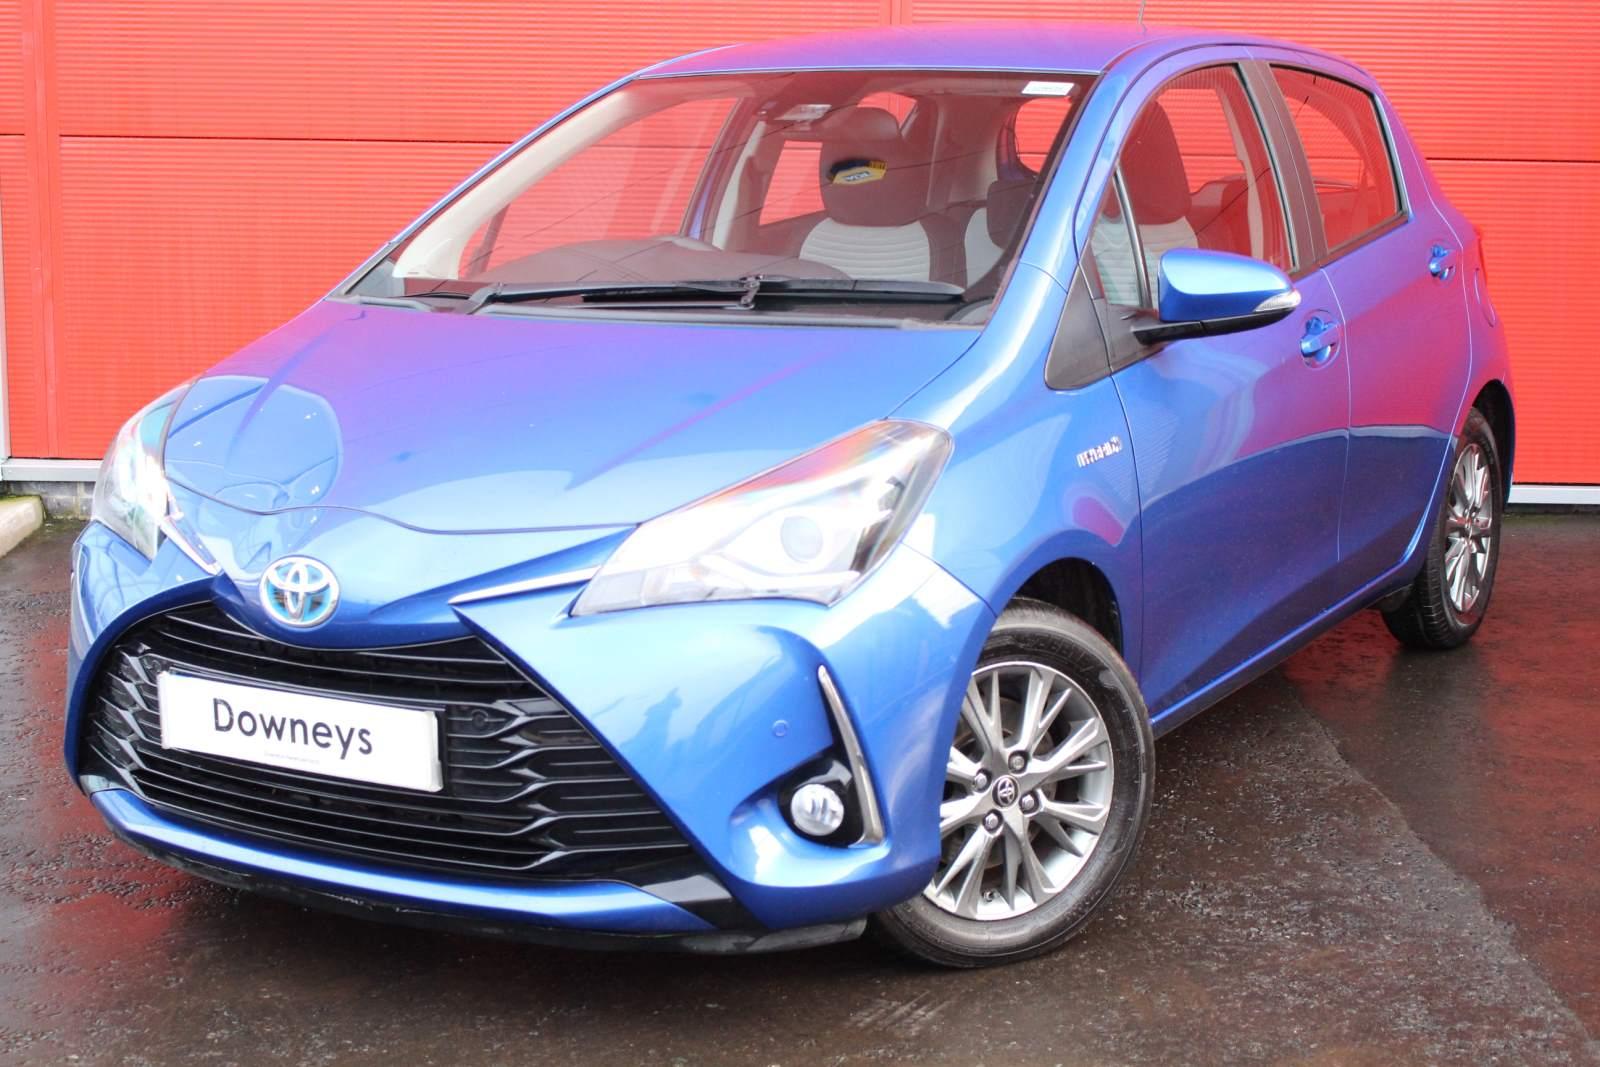 Toyota YARIS ICON TECH 1.5 HYB VVT-I CVT